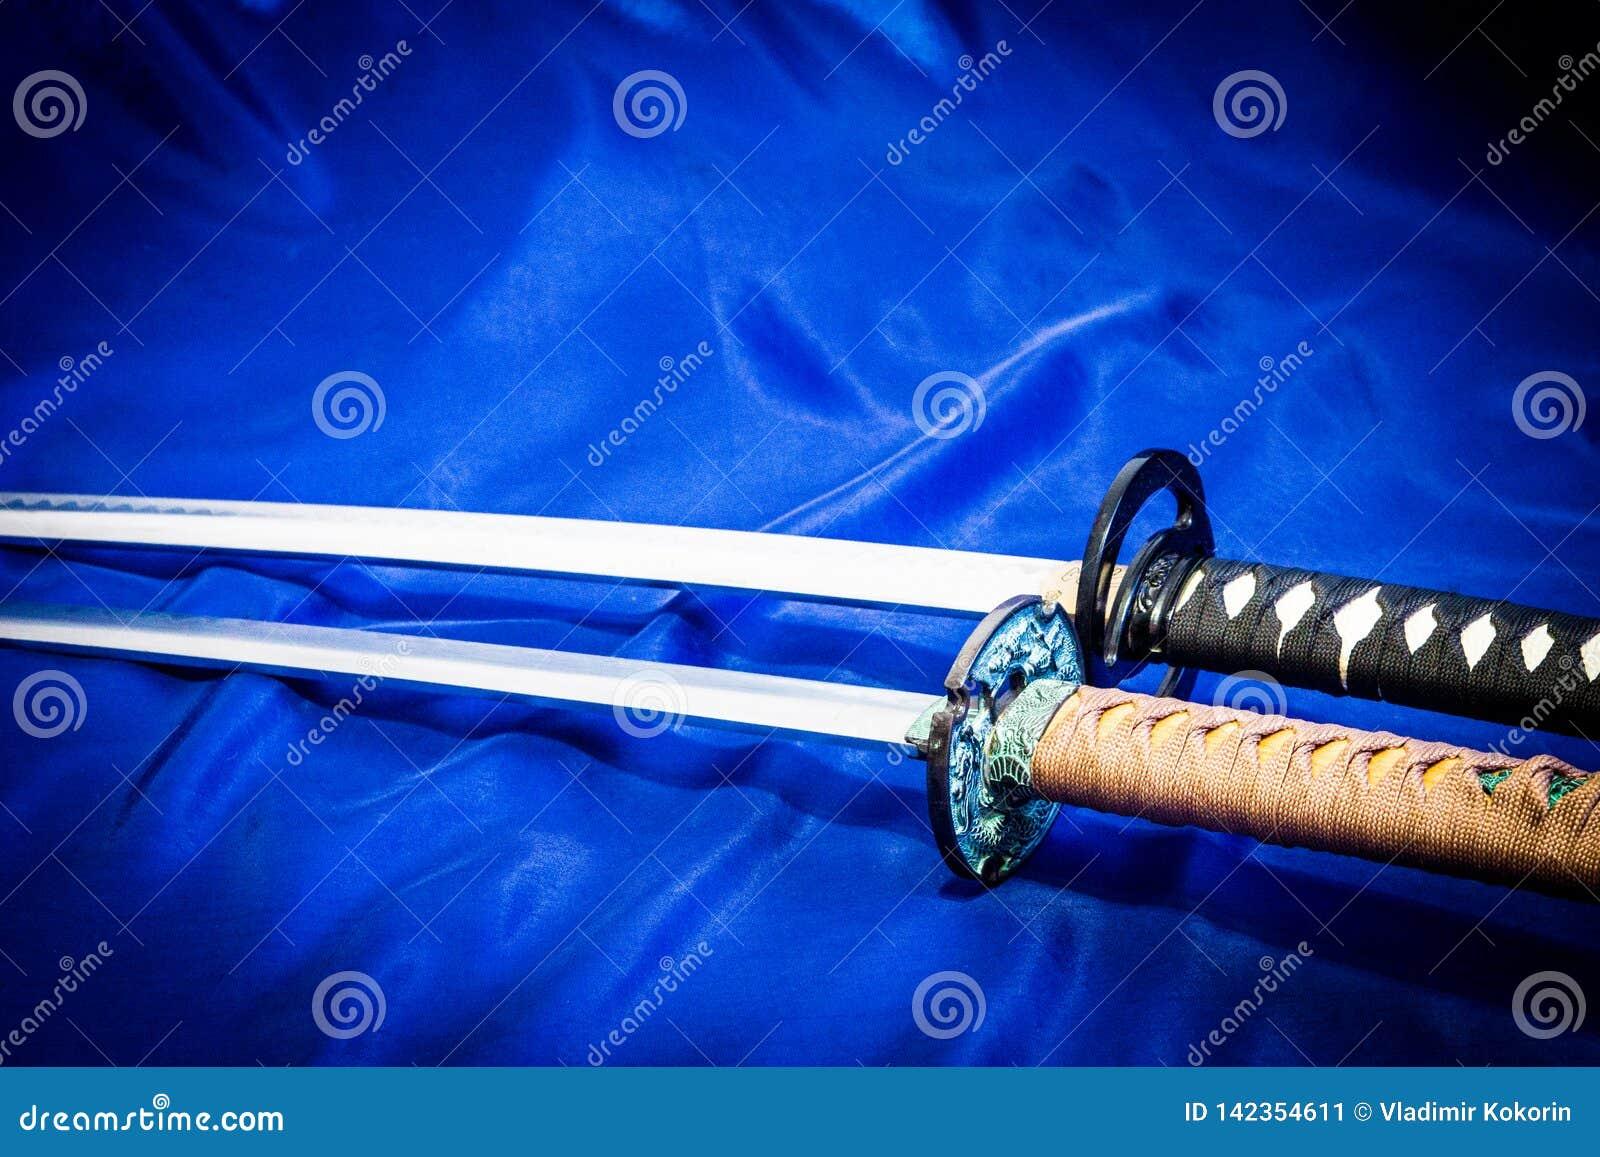 Photo des armes japonaises sur un fond bleu